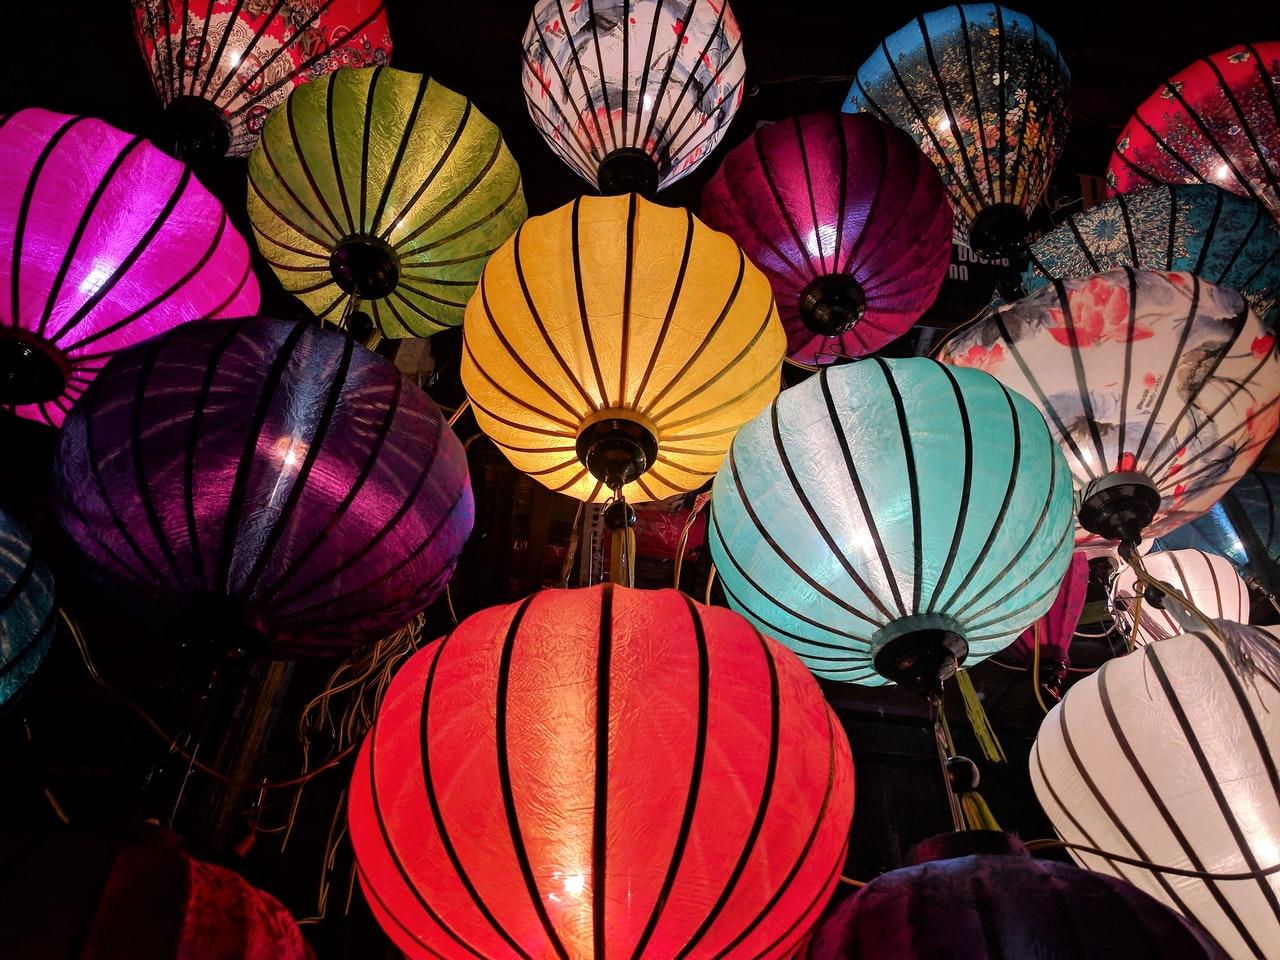 Ballon de lumière